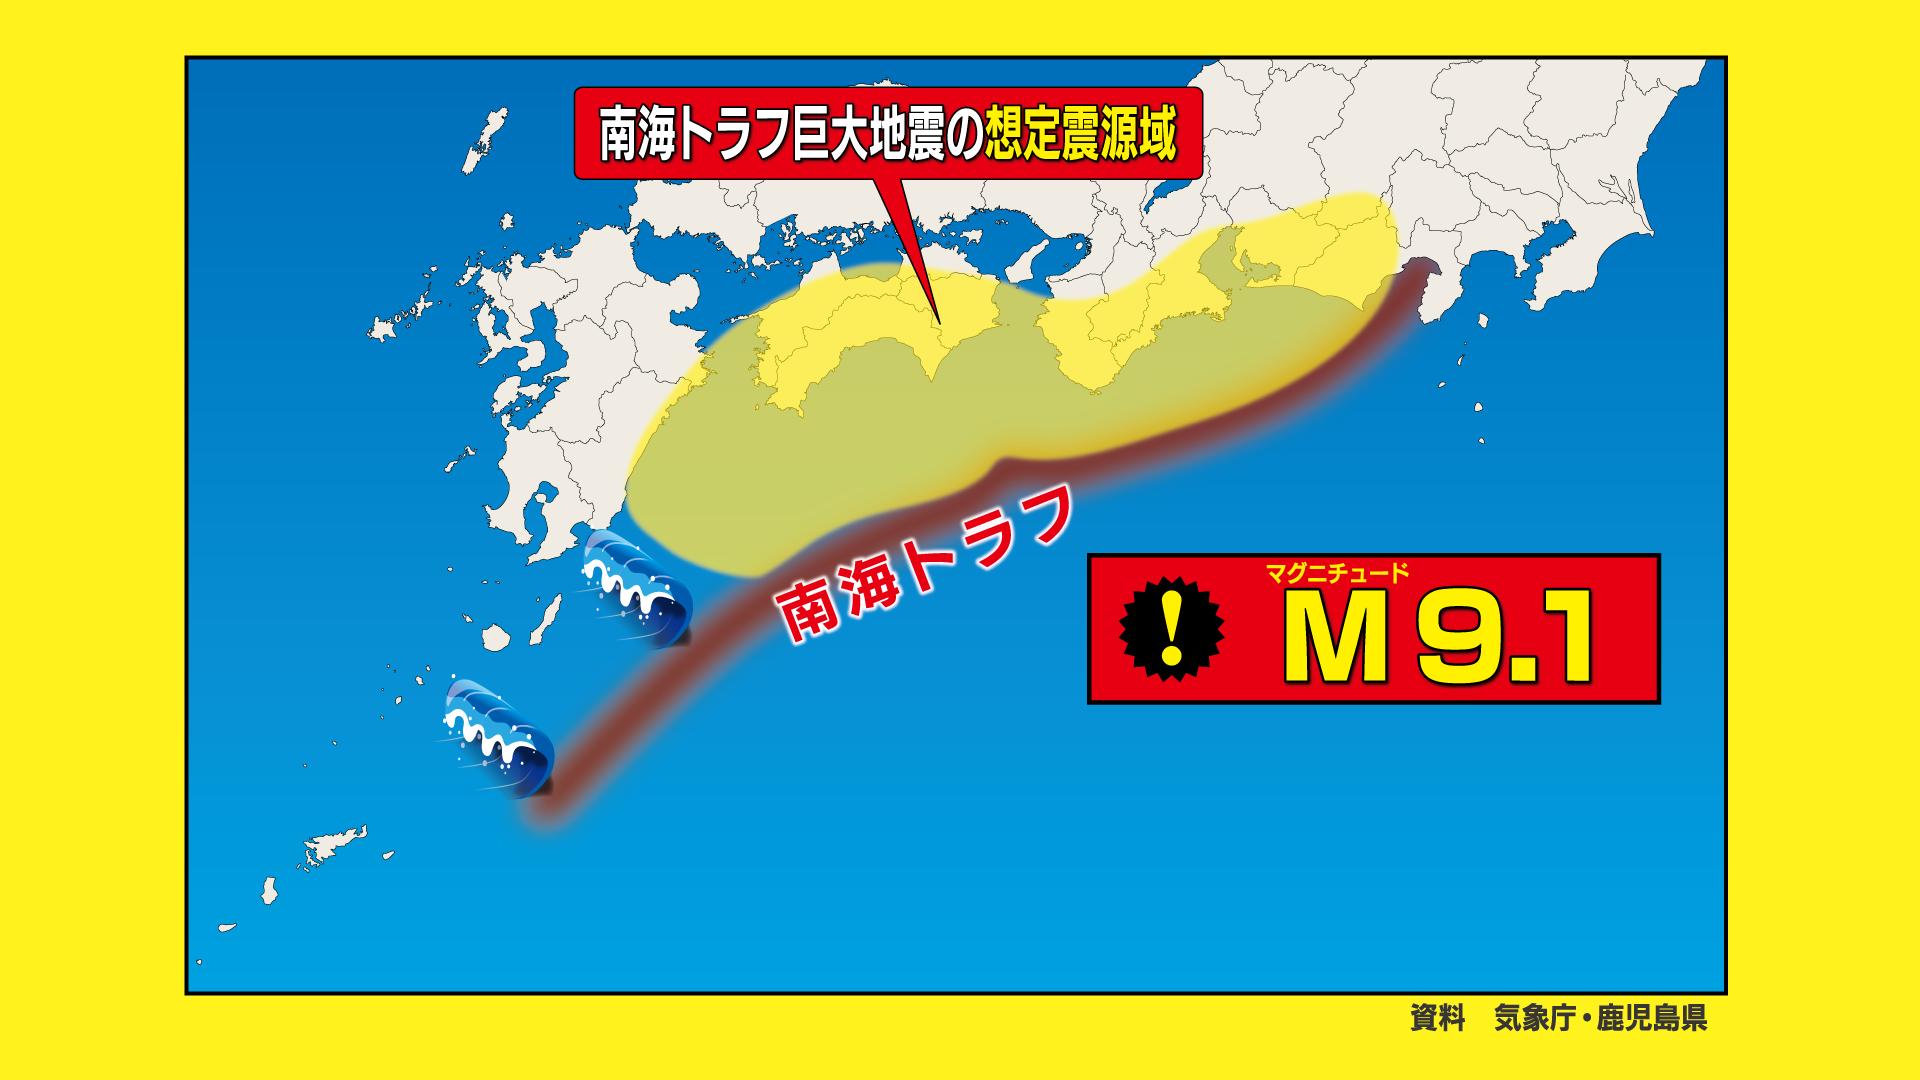 予想 南海 トラフ 南海トラフ巨大地震 被害想定